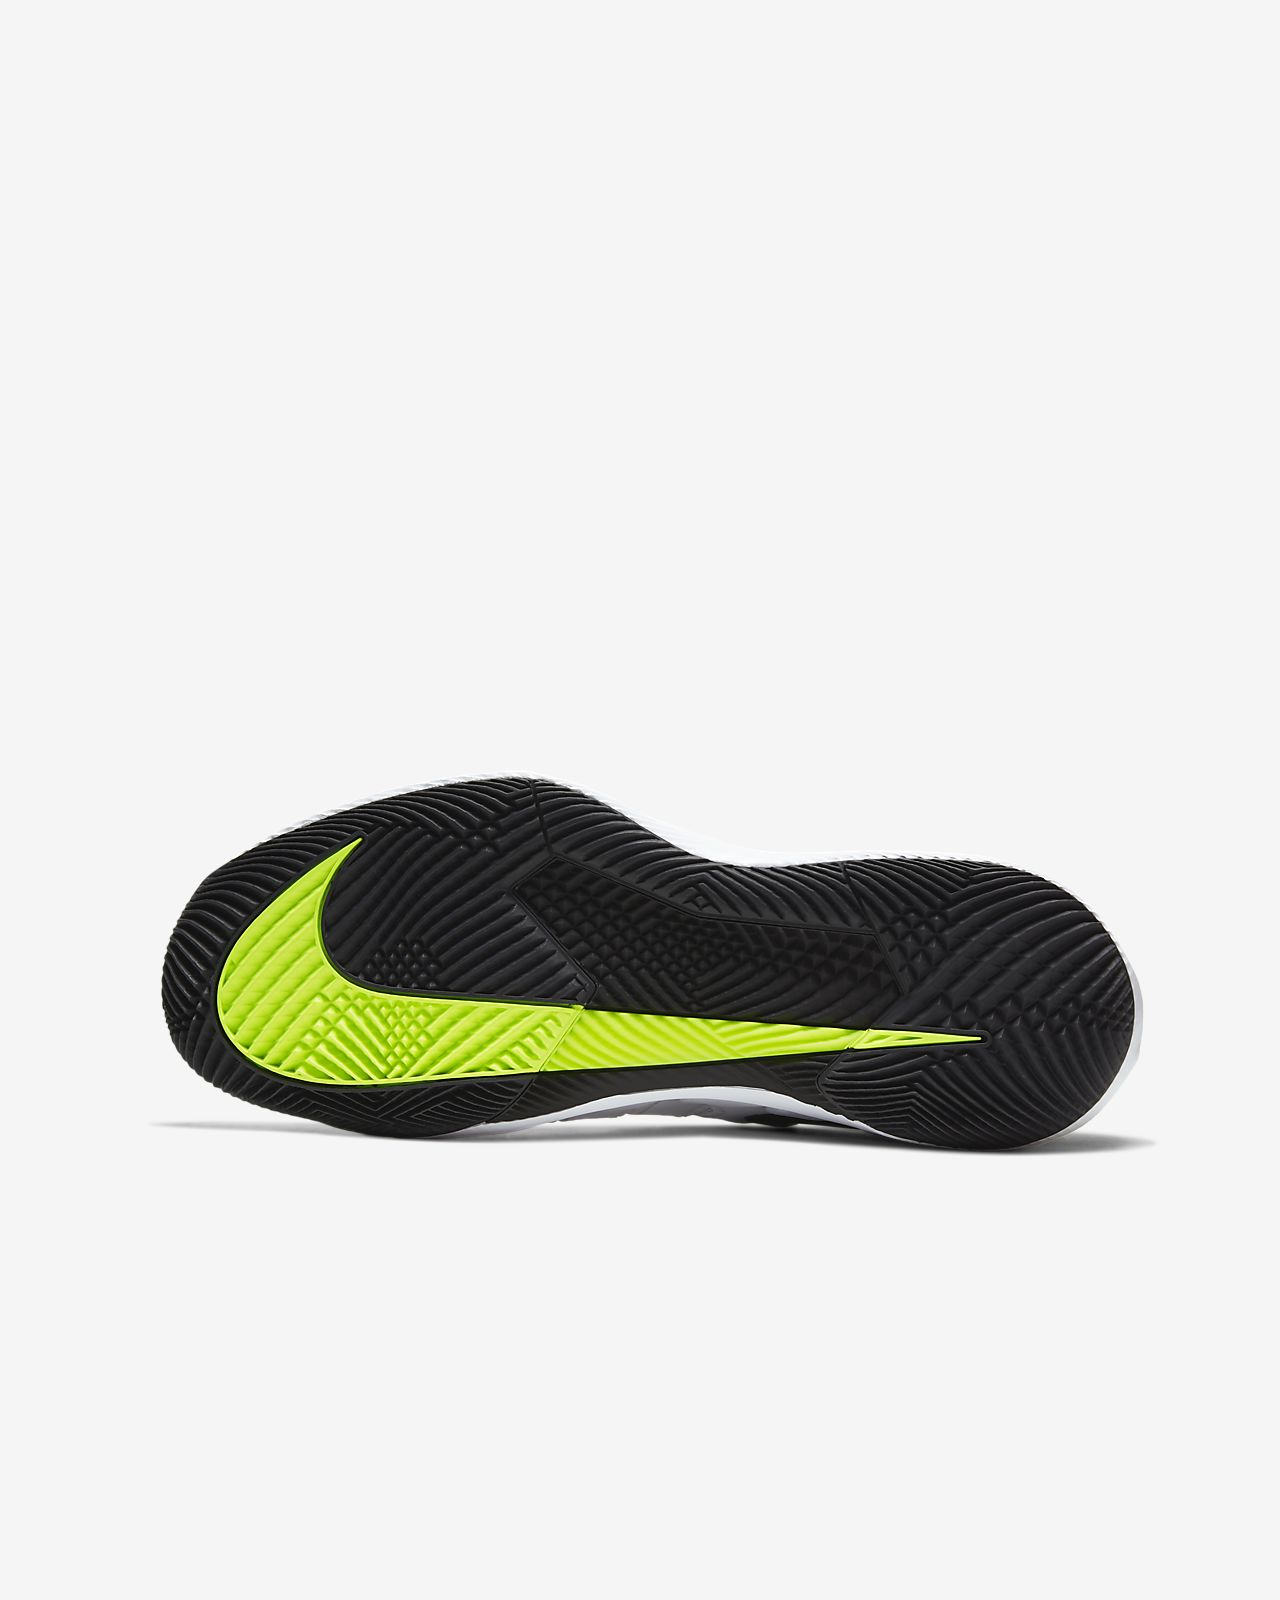 Nike Air Zoom Vapor 10 Herren Tennisschuh GoldSchwarz